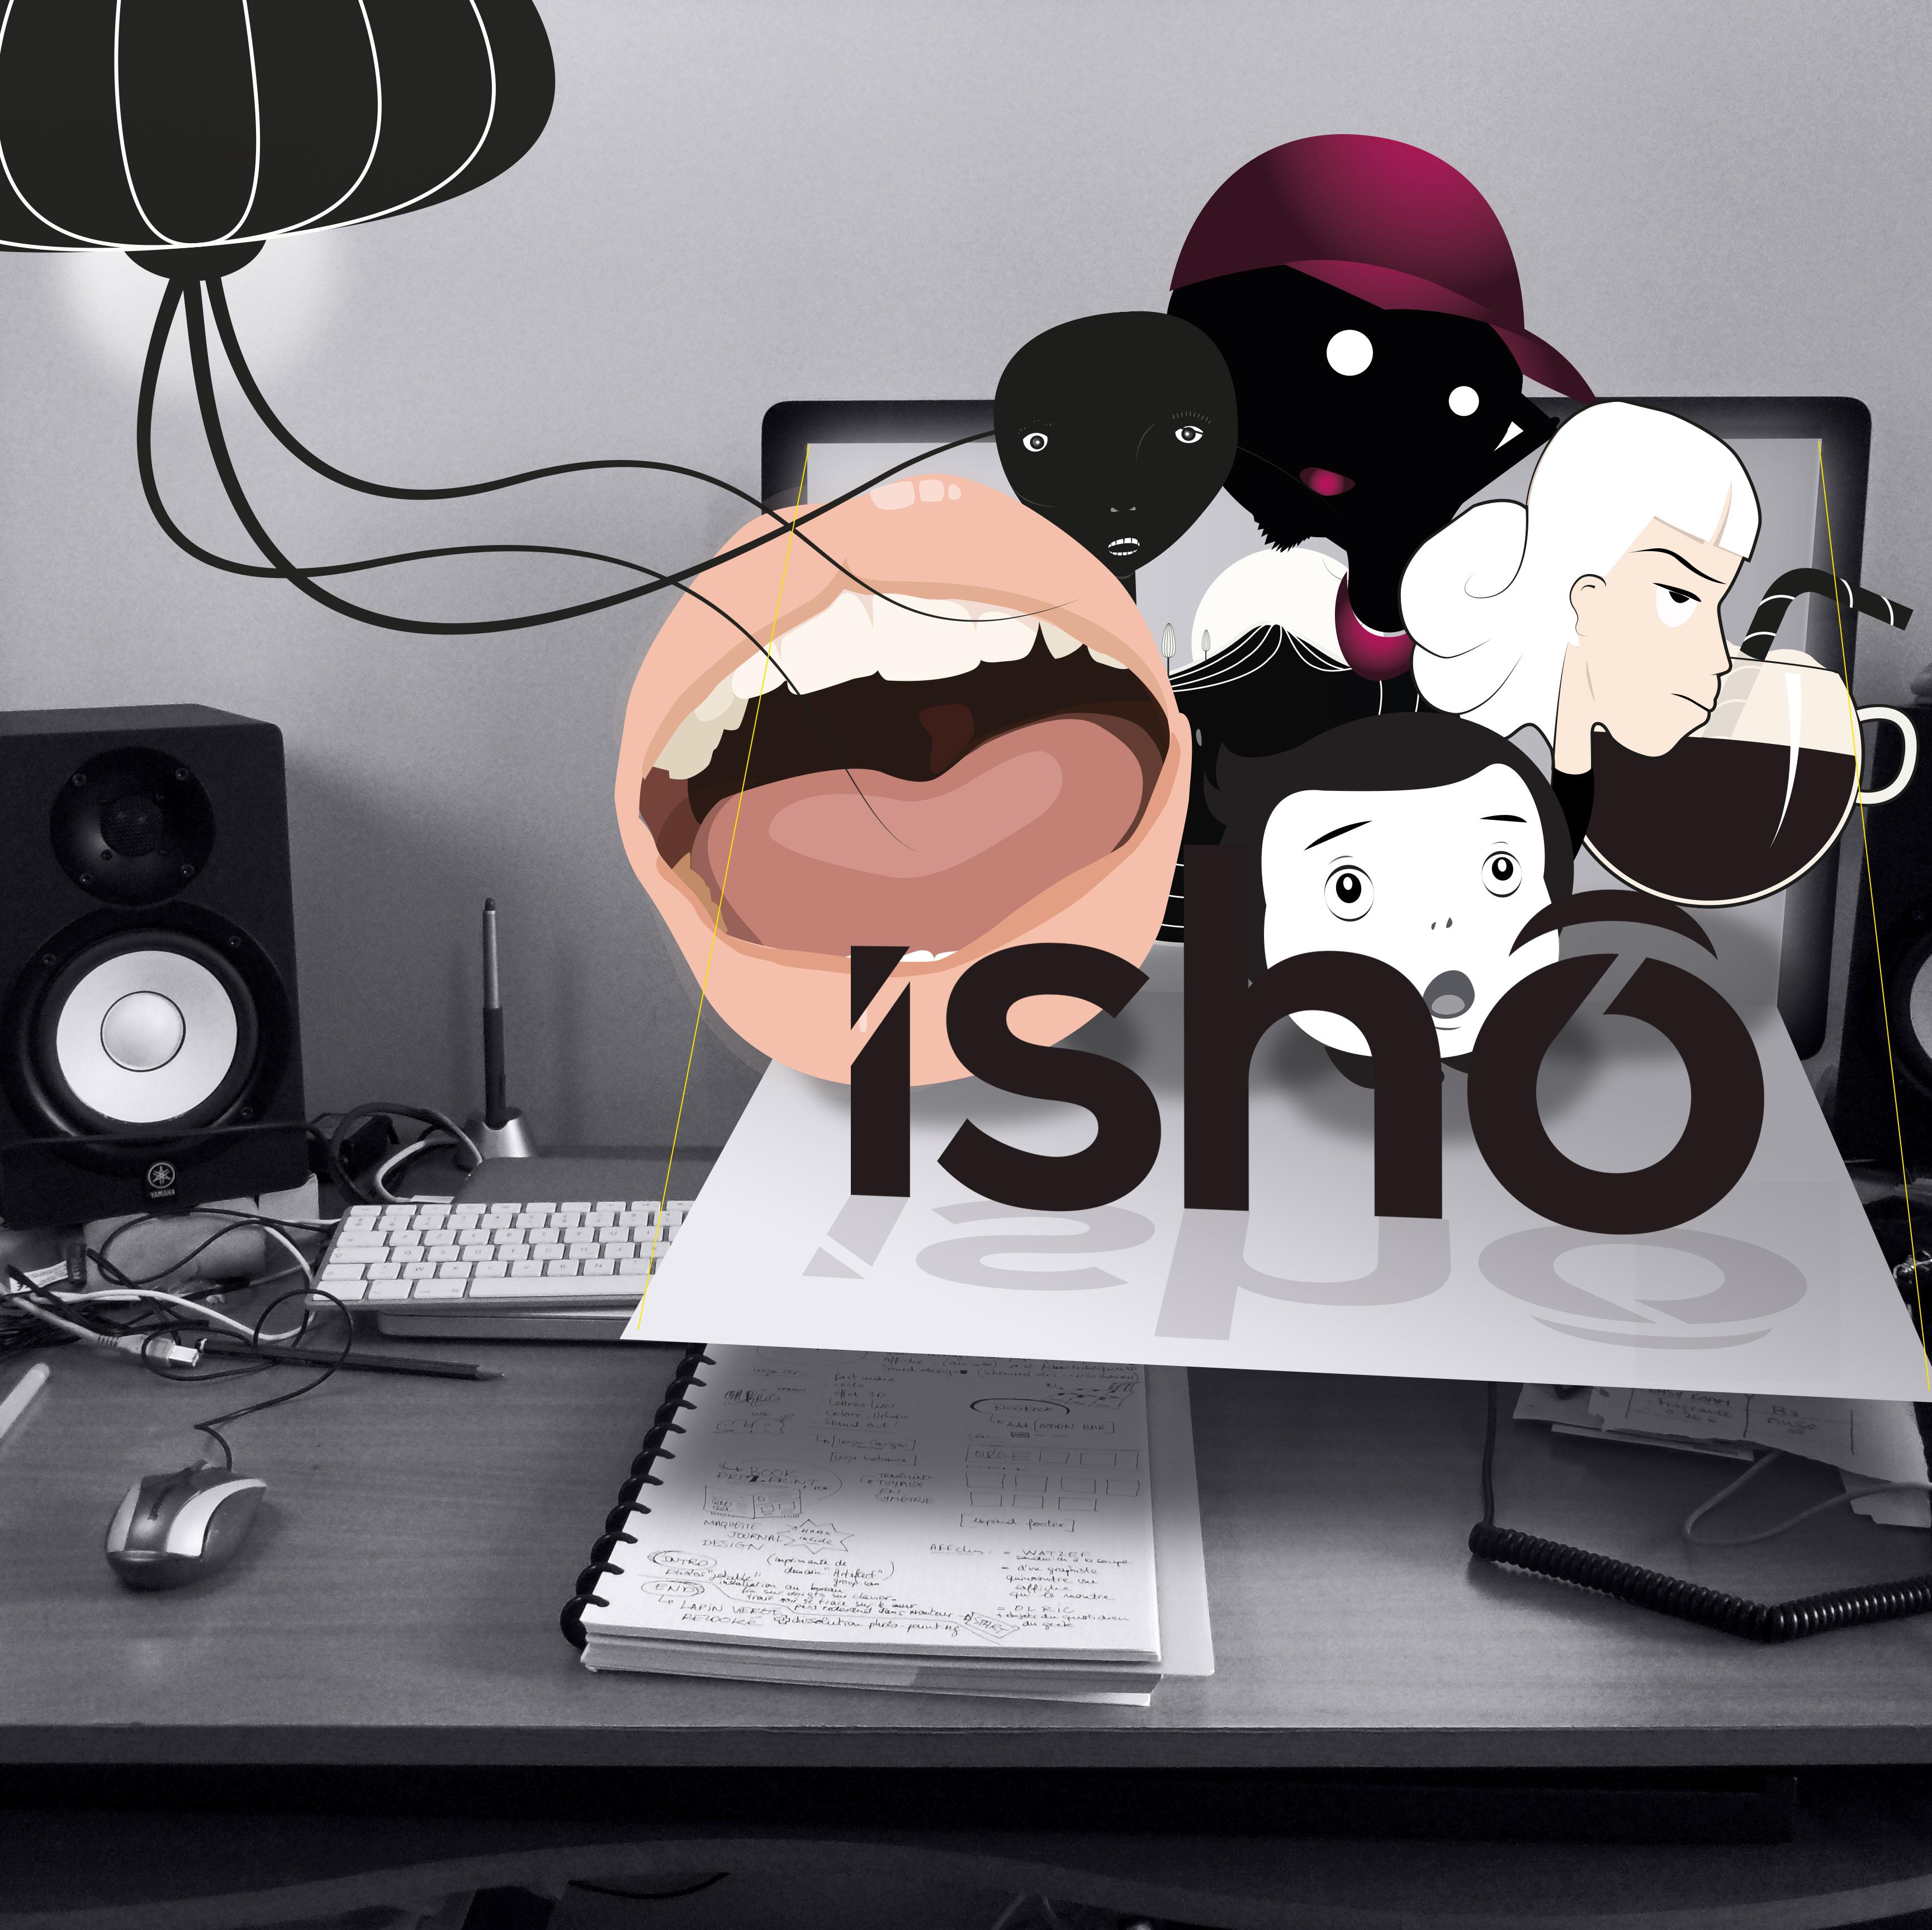 isho-thumb